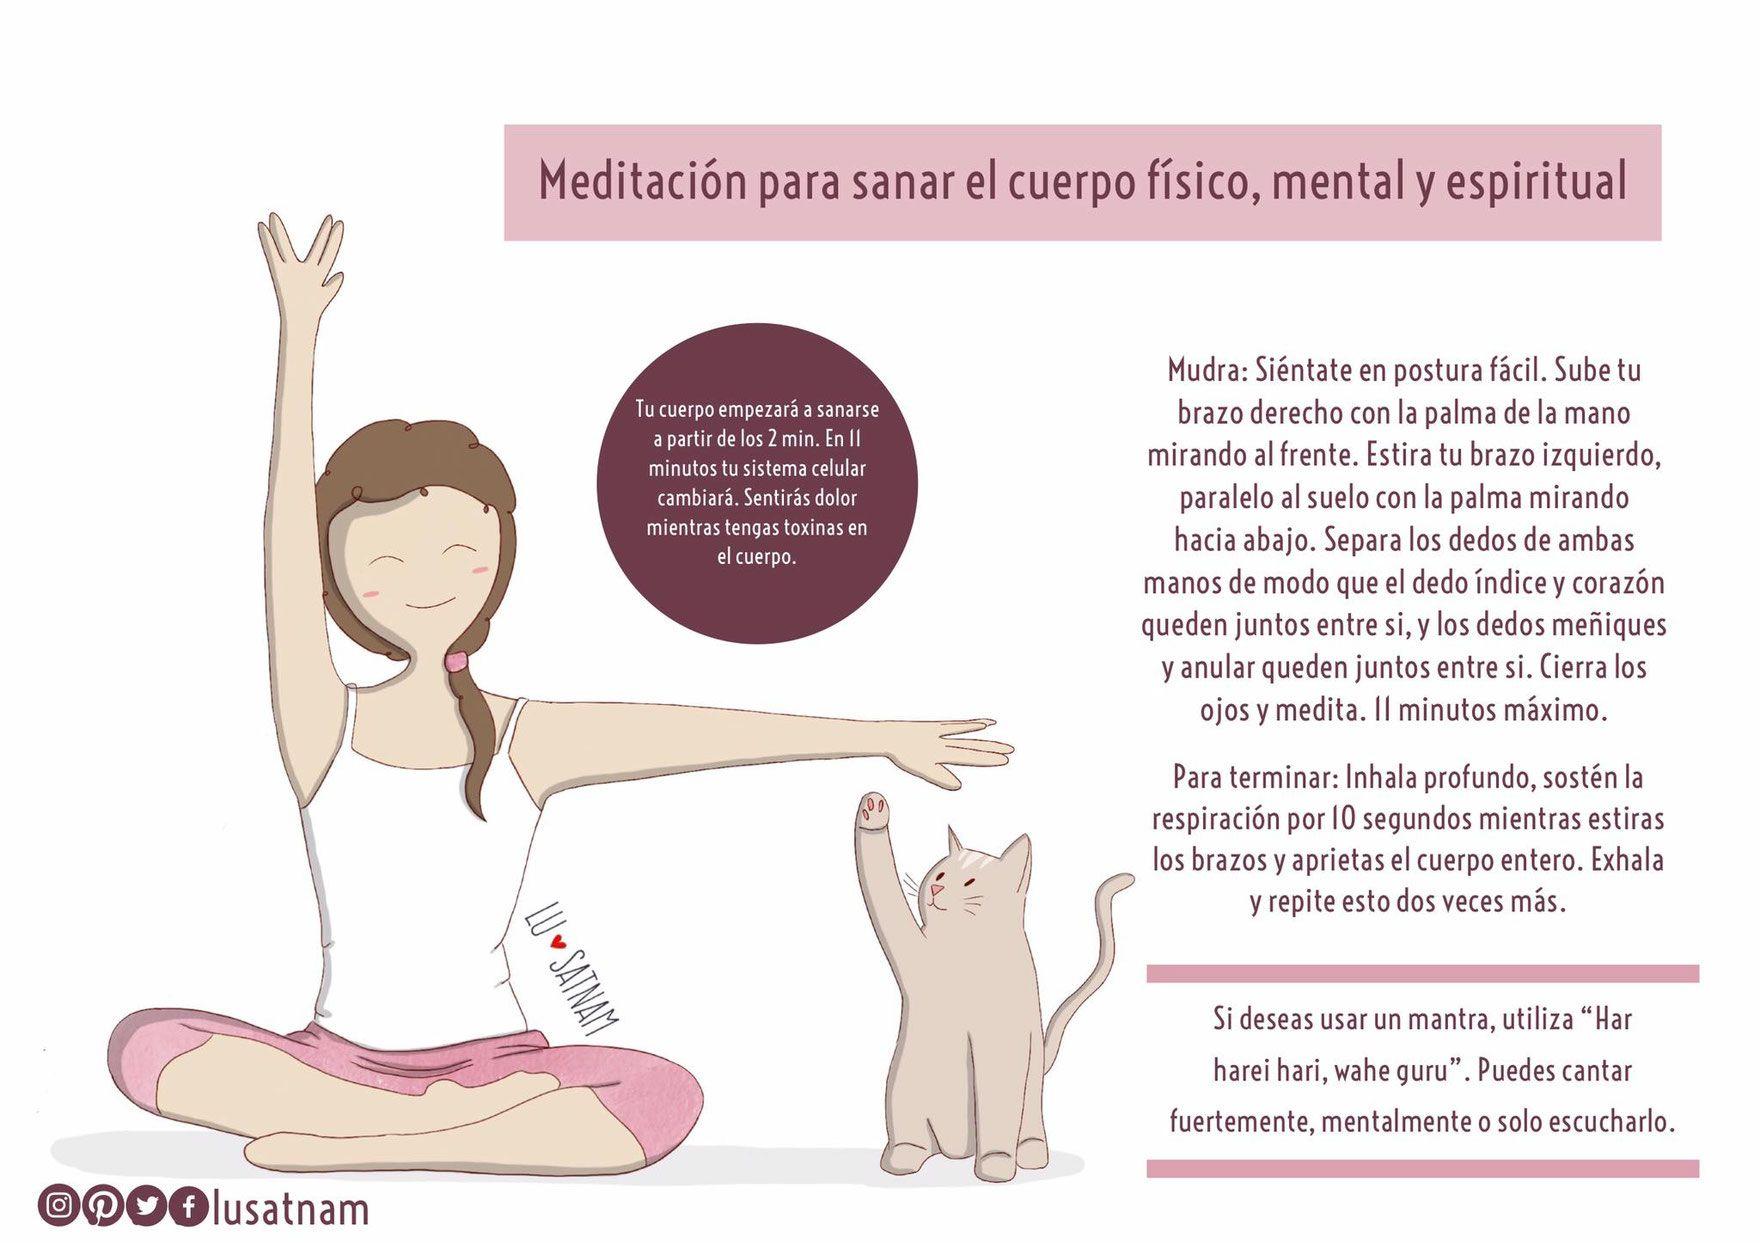 Kundalini Len meditación para sanar el cuerpo físico mental y espiritual